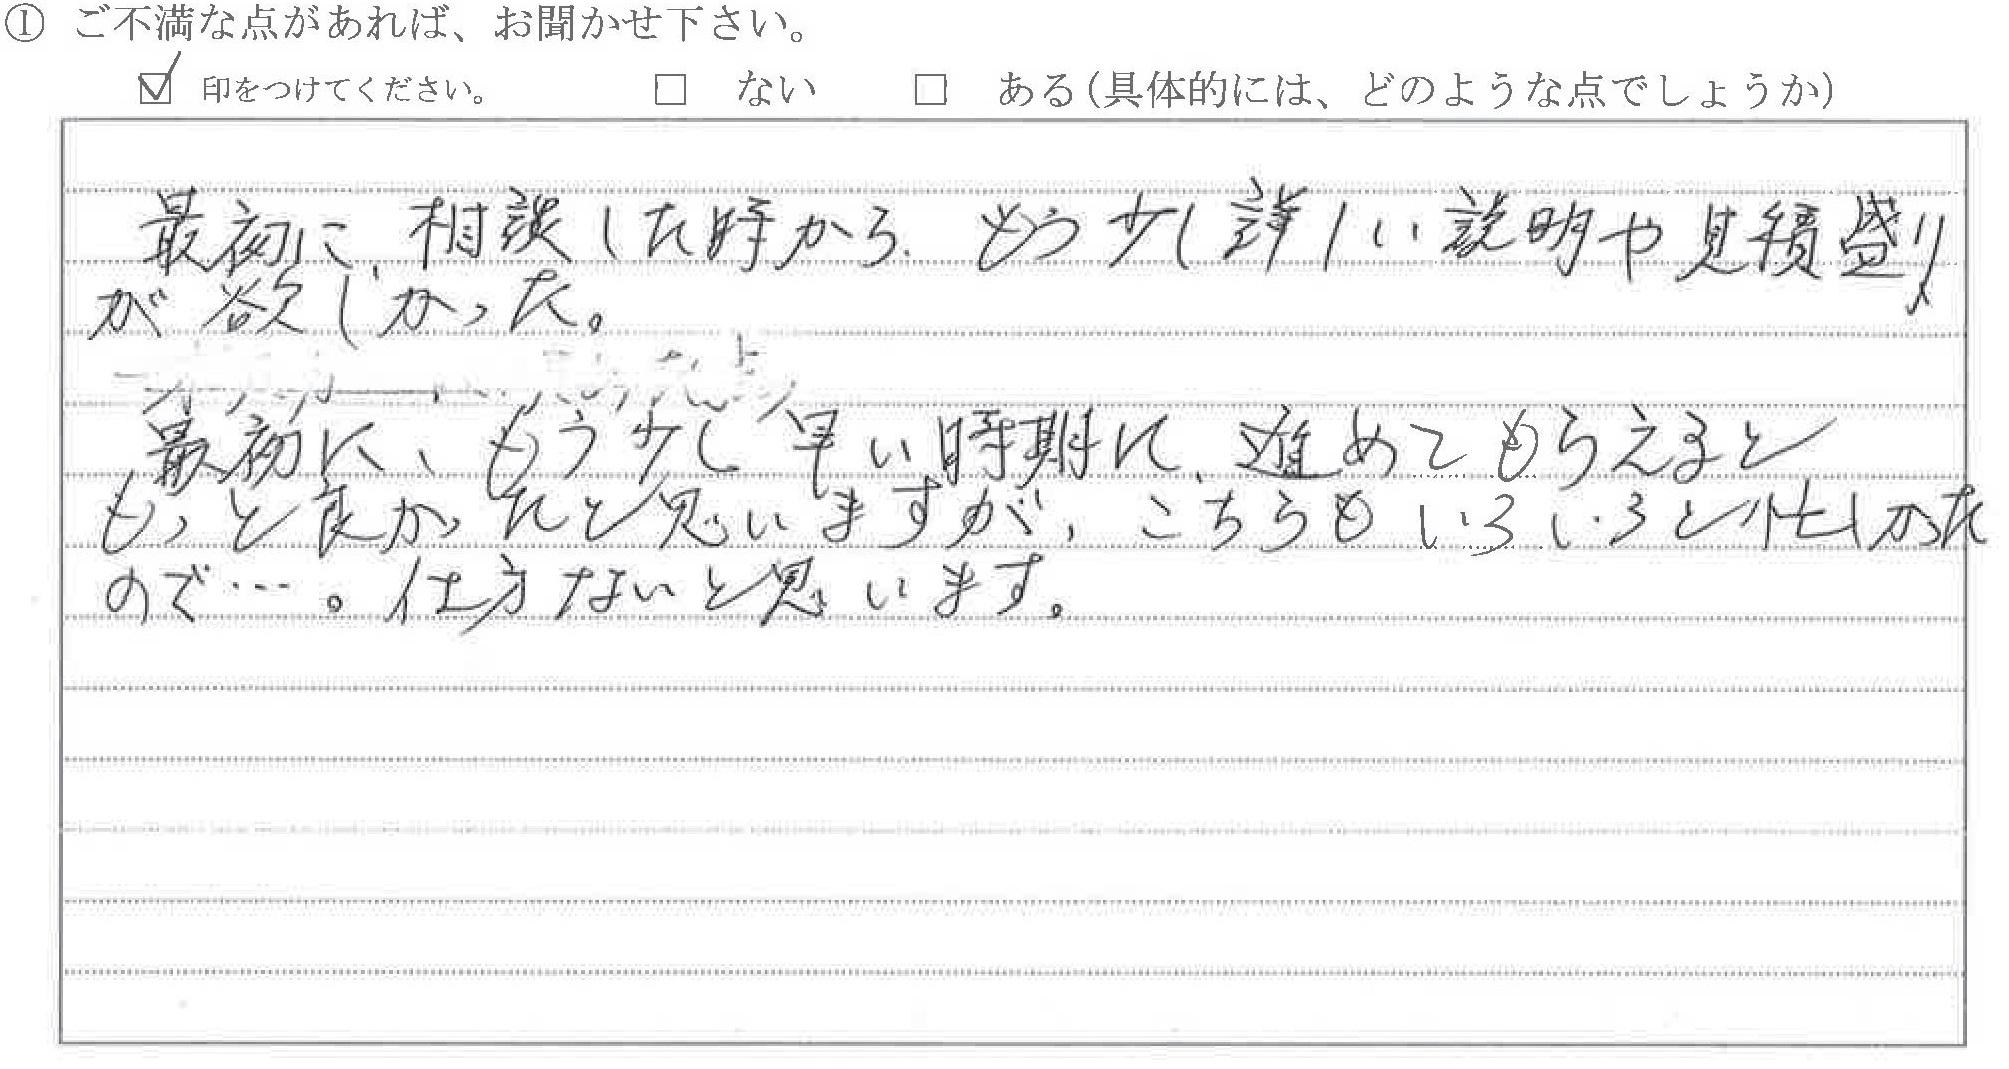 富山県富山市 K様に頂いた外装改修工事についてのご不満な点があれば、お聞かせ下さい。というご質問について「外装改修工事」というお声についての画像